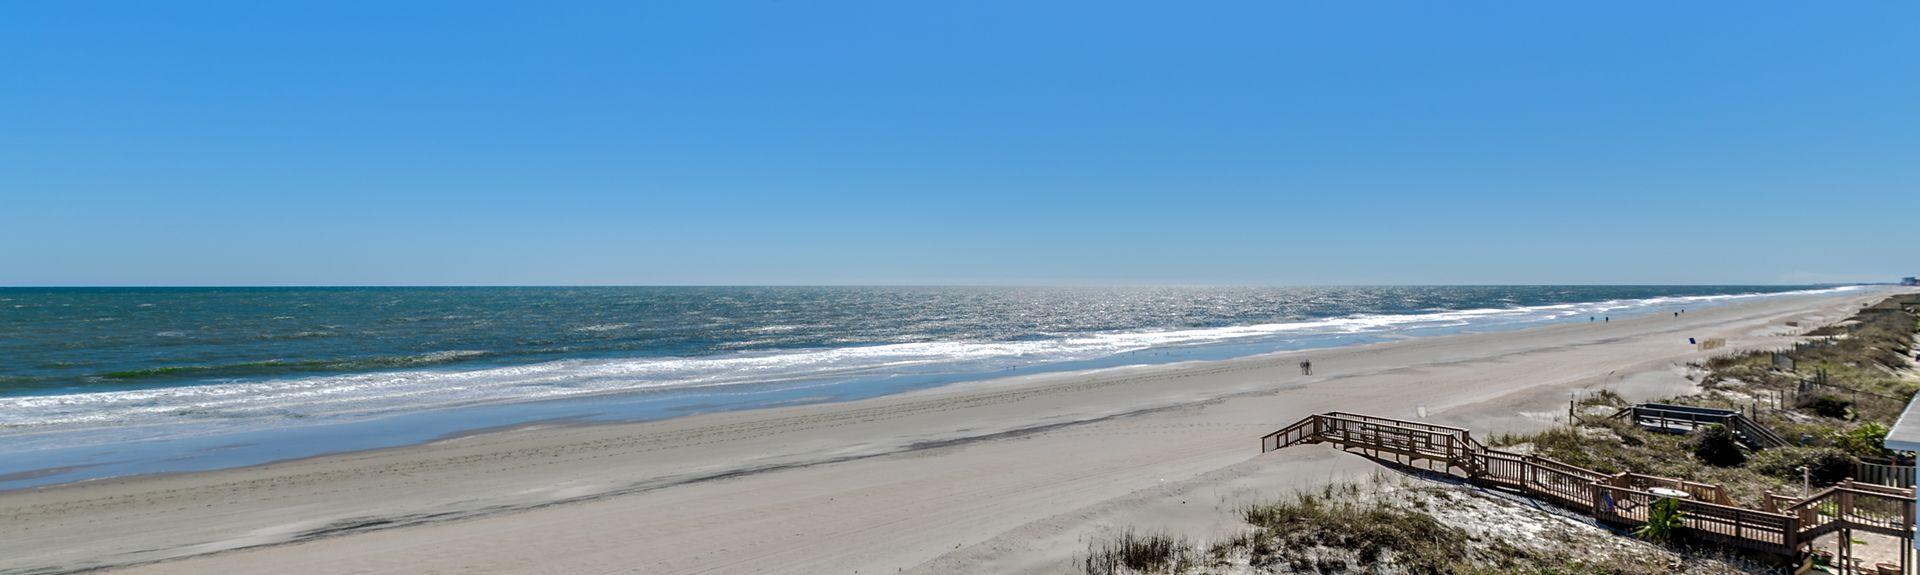 Long Bay Estates, Myrtle Beach, Caroline du Sud, États-Unis d'Amérique